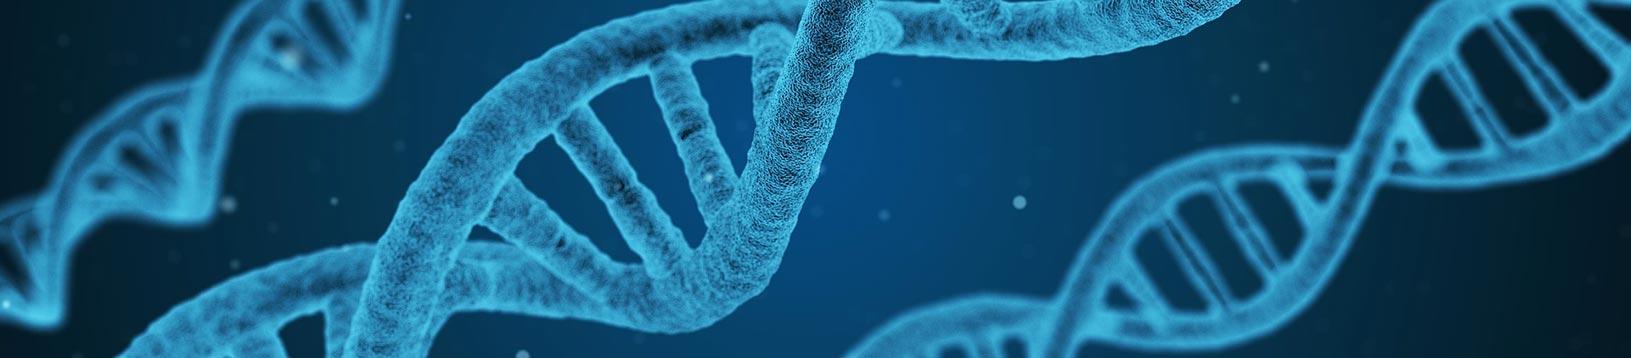 Corso di Biochimica - Scuola di Naturopatia